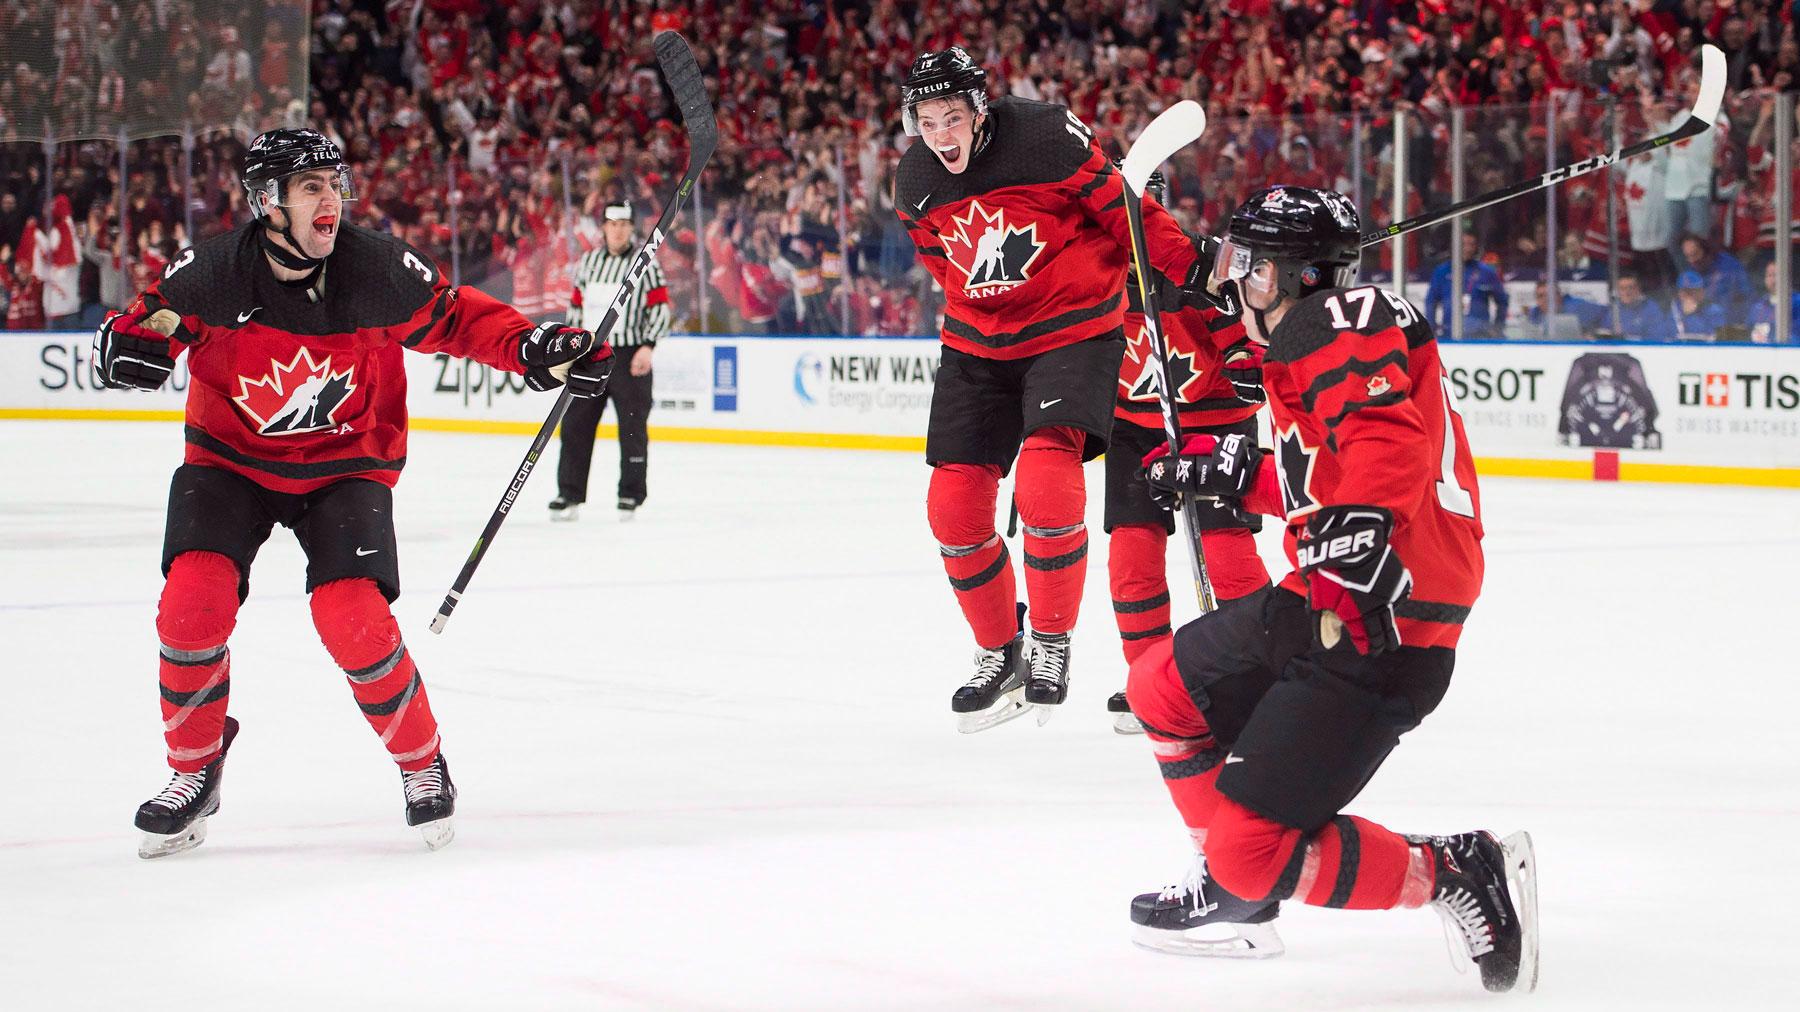 Trois joueurs célèbrent un but lors d'un match de hockey sur glace.